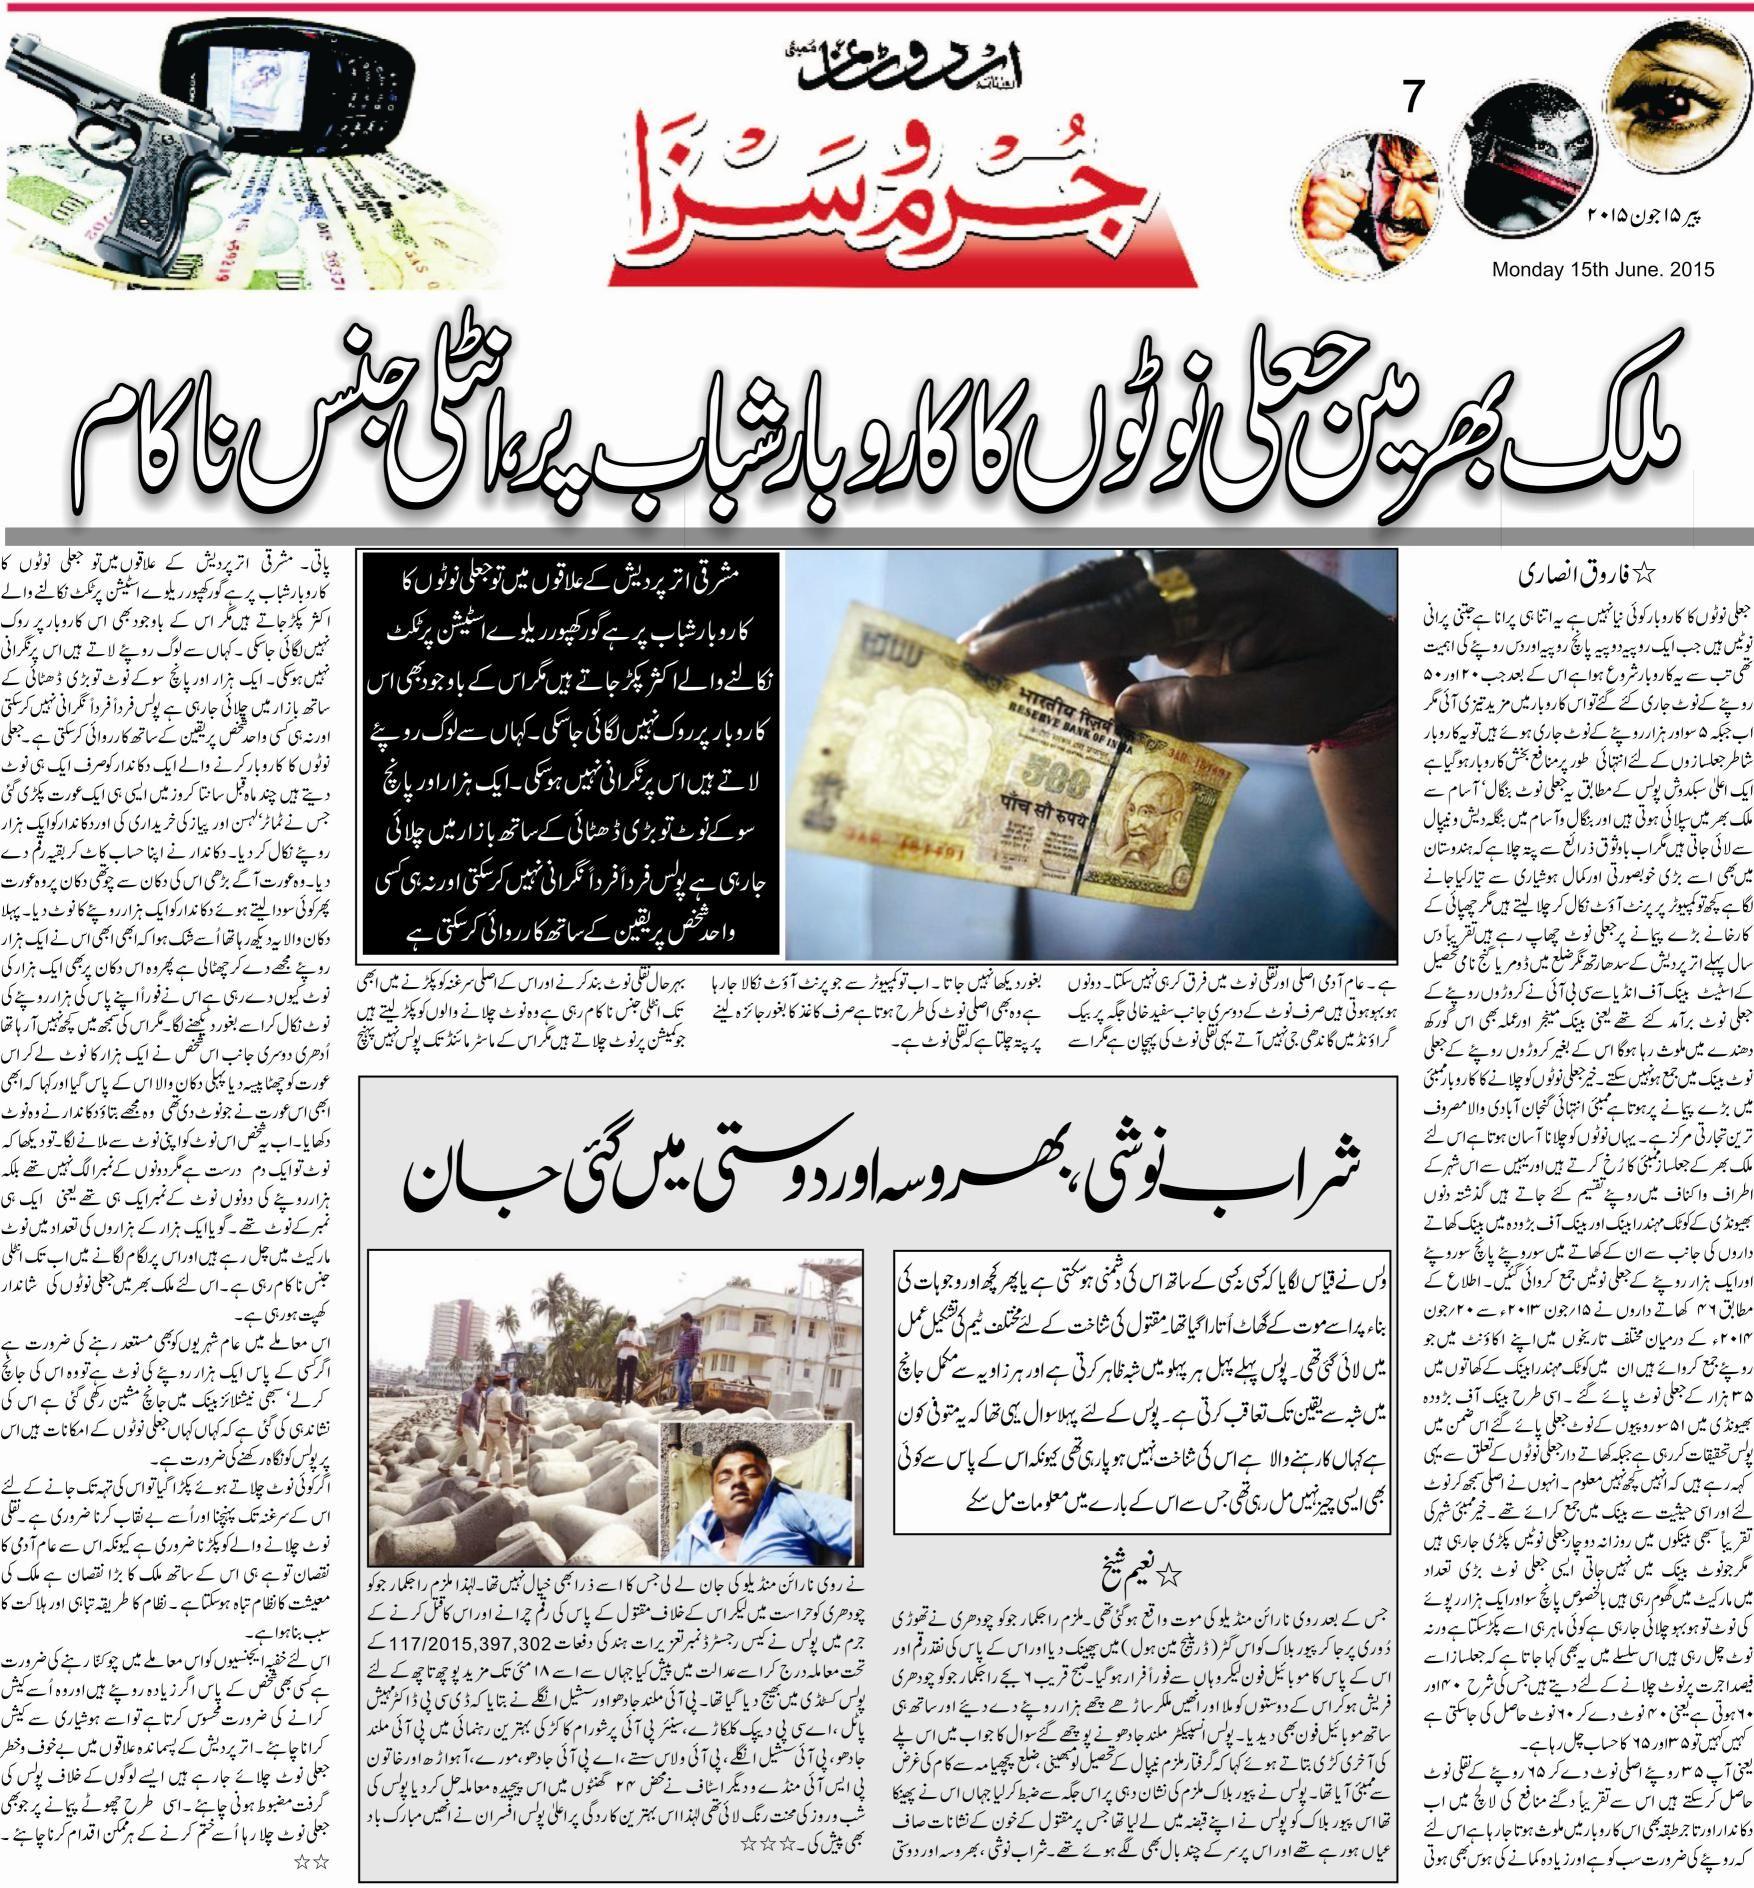 India's Leading Daily Urdu News Urdu news paper, Urdu